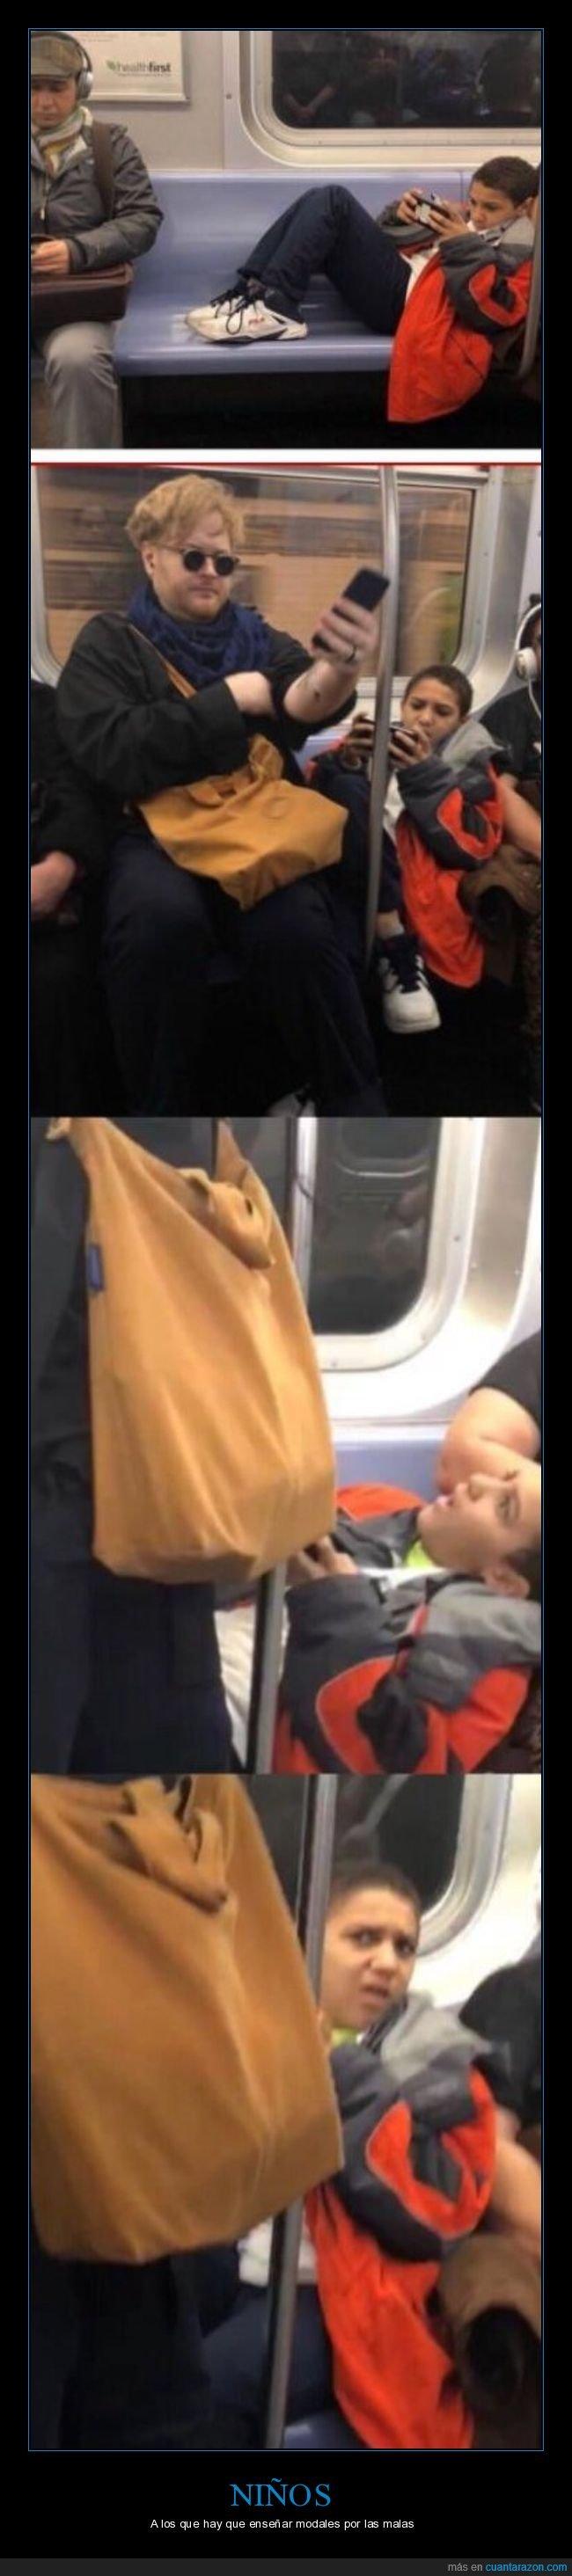 asiento,metro,niño,sentarse